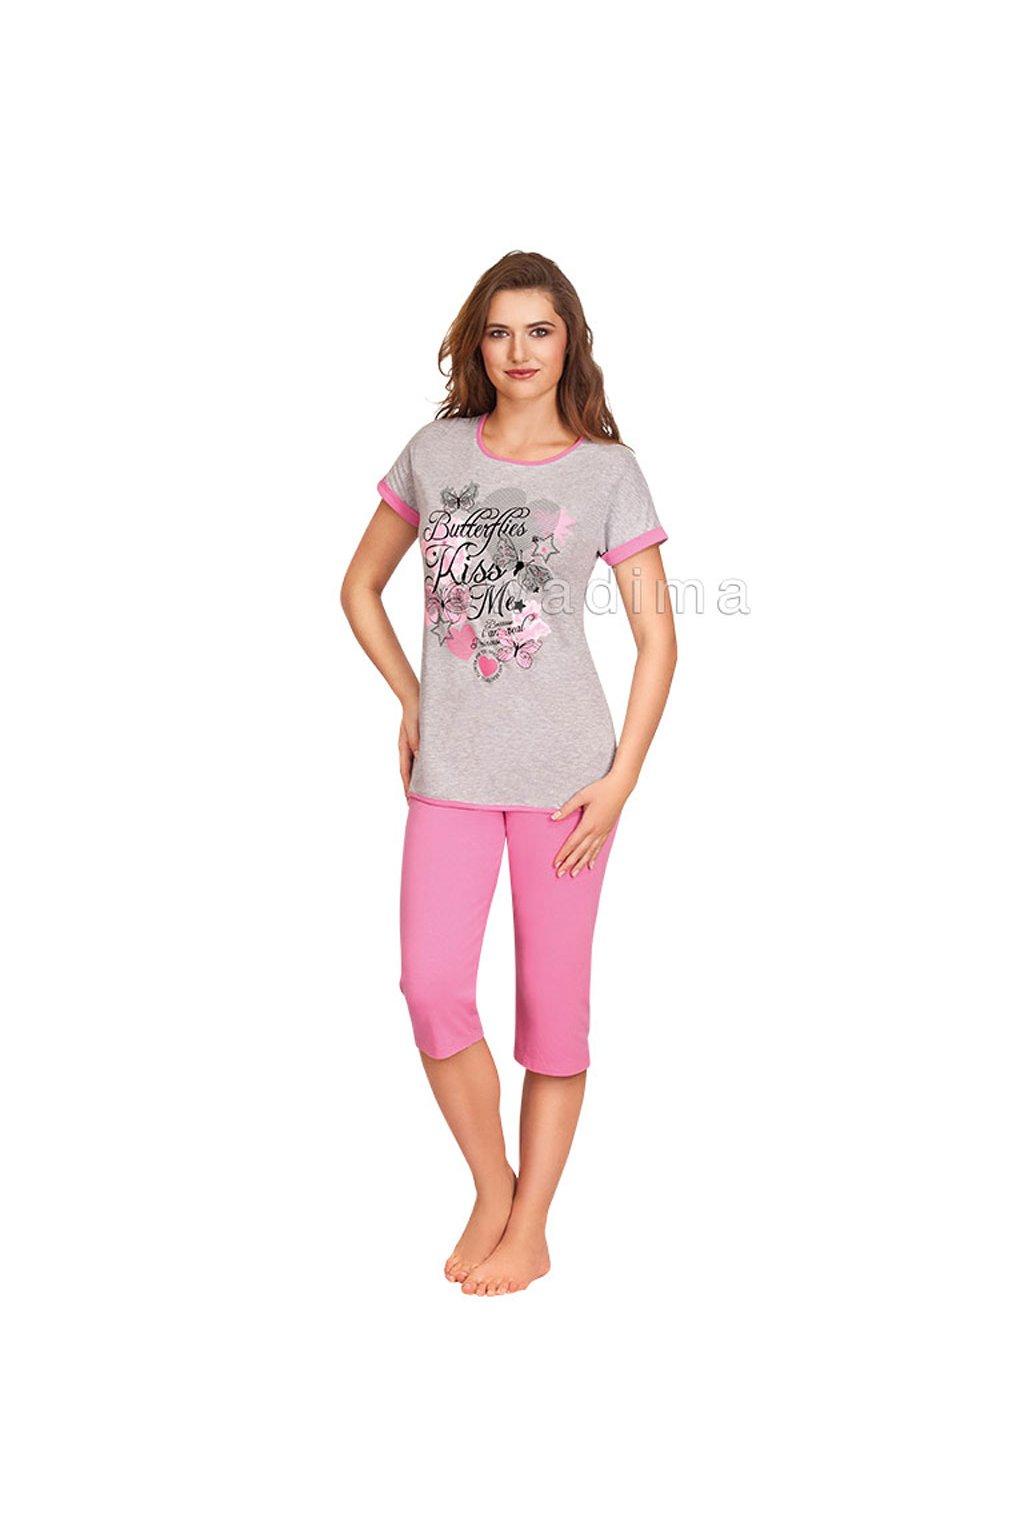 Dámské pyžamo s krátkým rukávem a 3/4 nohavicemi, 104301 799, šedá/růžová